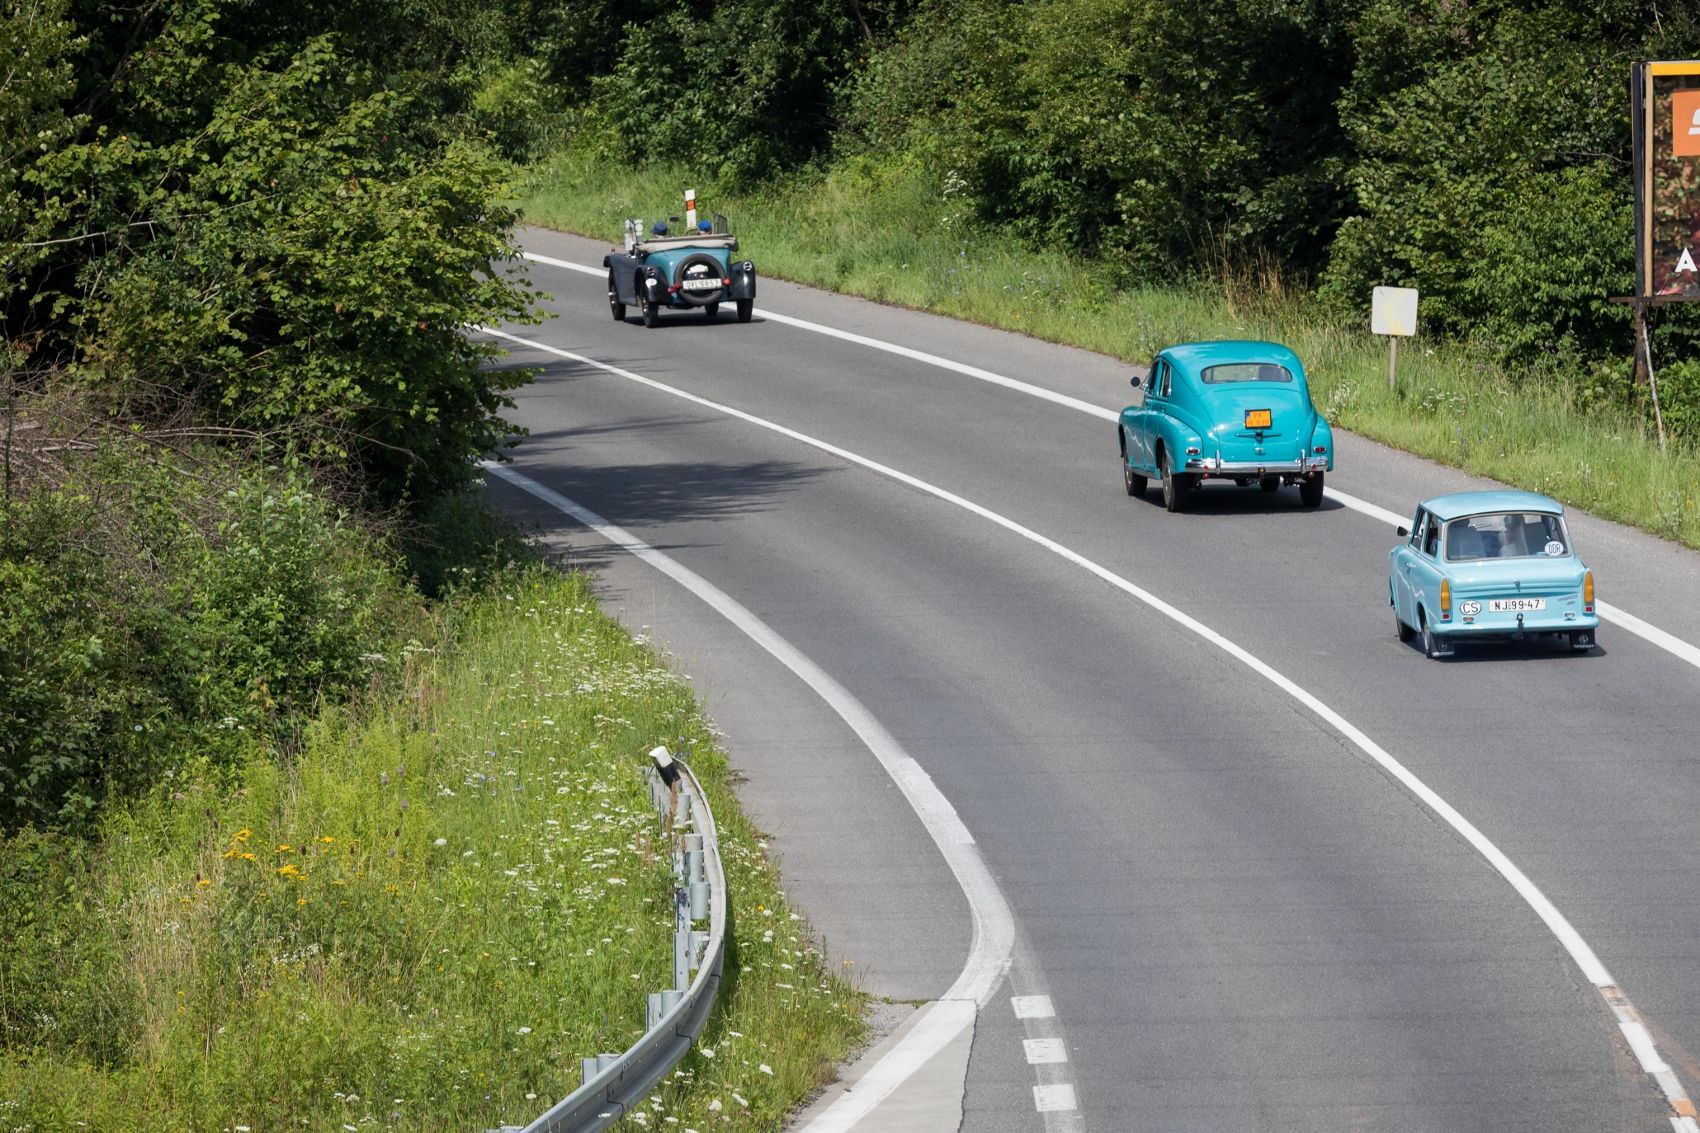 Pozrite si galériu z podujatia Beskyd Rallye – memoriál Ladislava Dlhopolčeka 2020 WsPIm6BwqC turzov